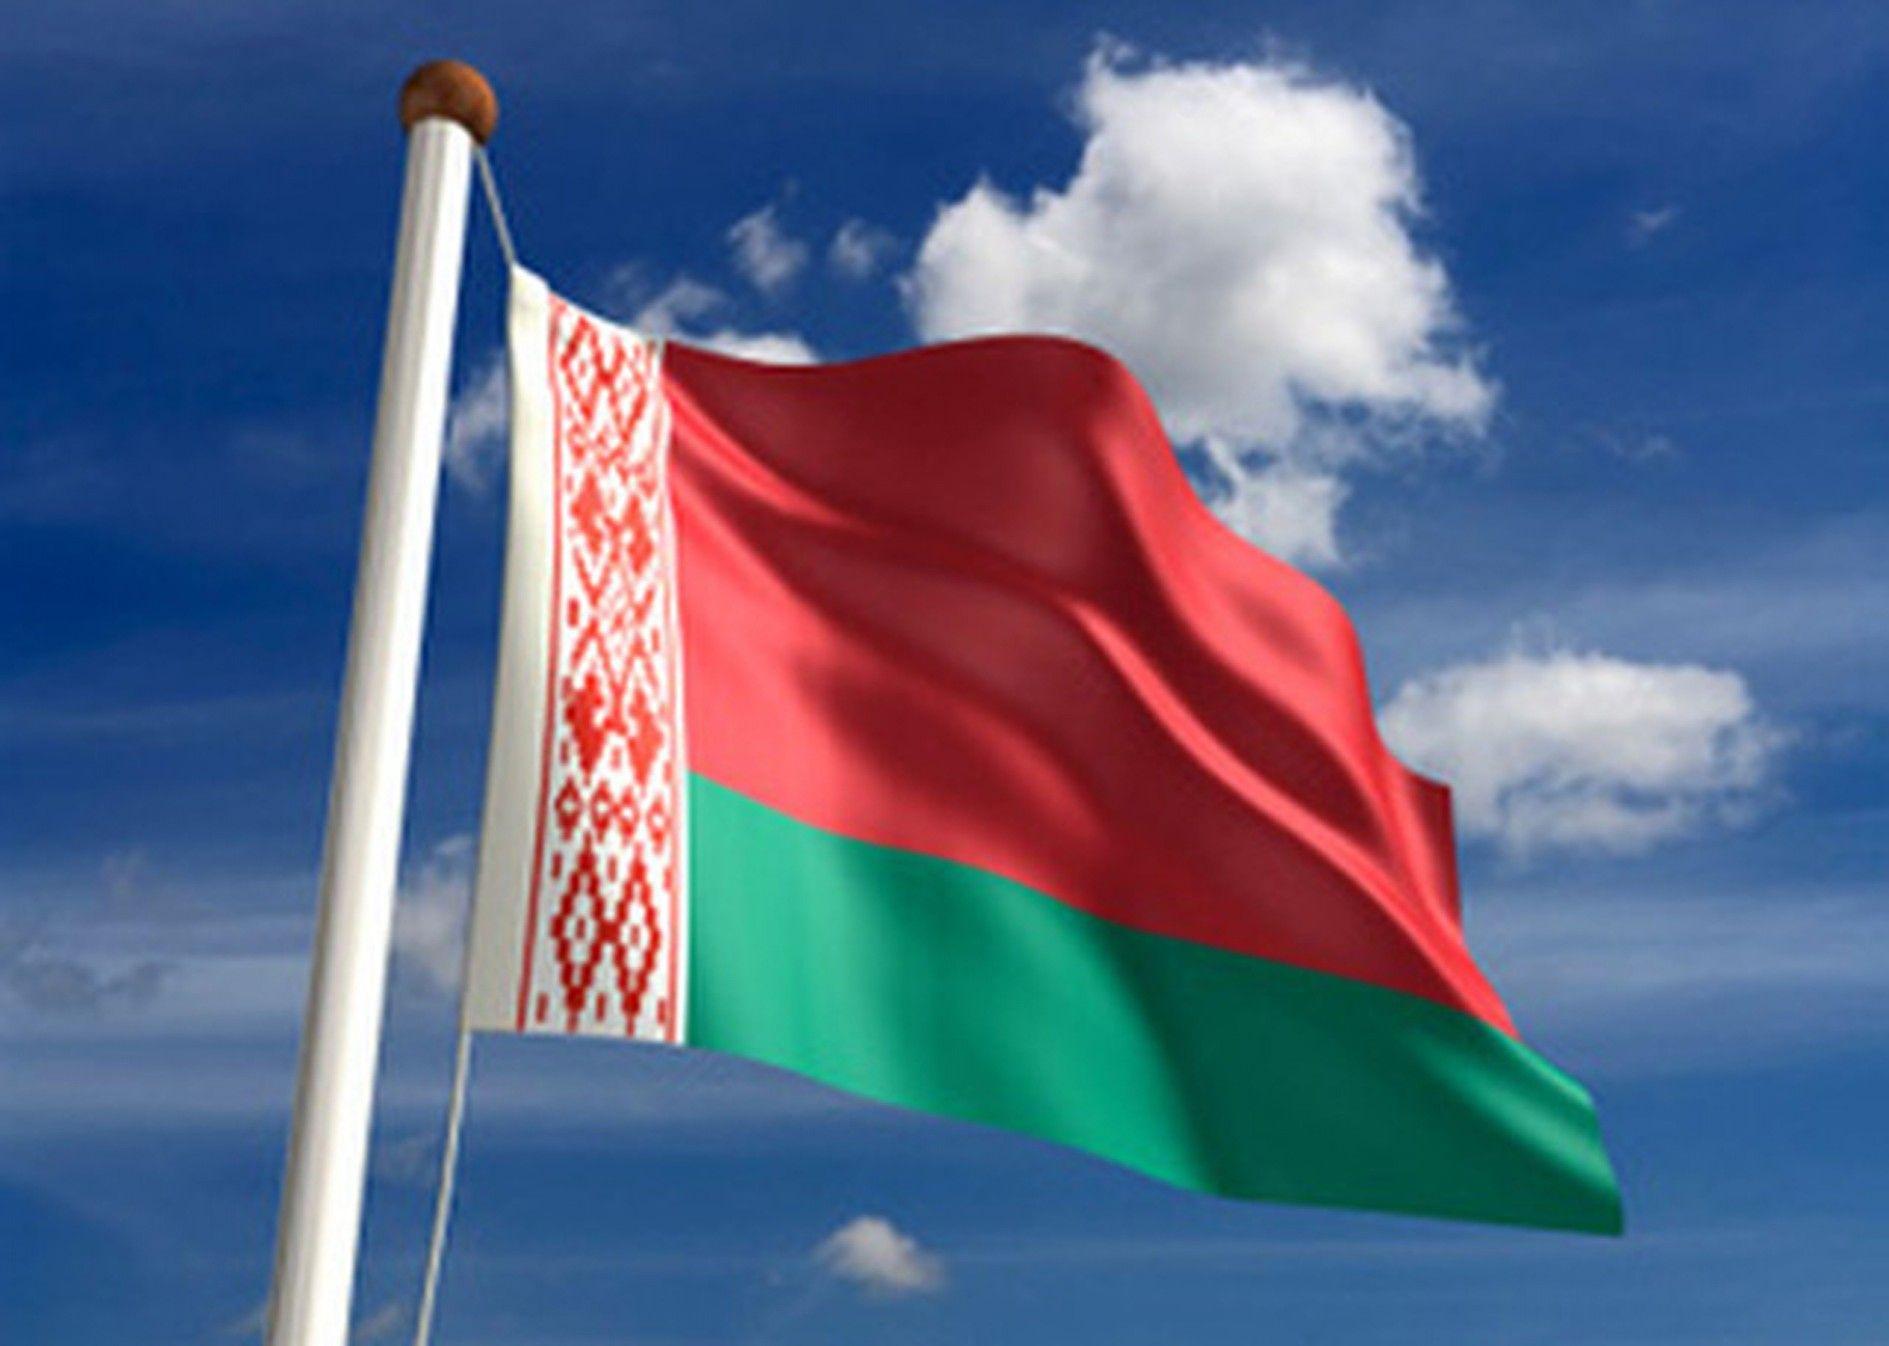 Минск впервые прокомментировал конфликт в Керченском проливе / фото yarnovosti.com